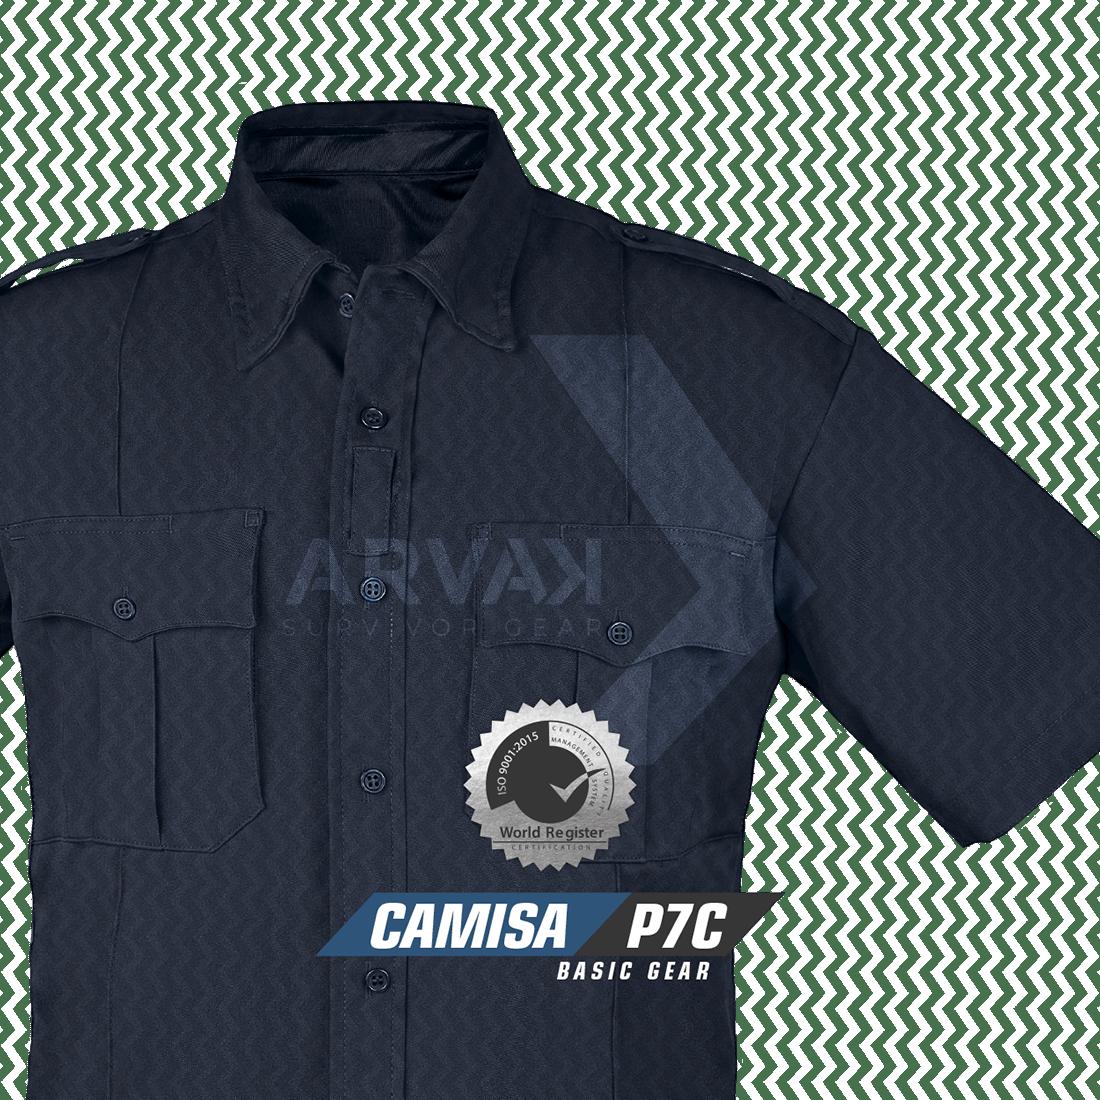 Camisa P7C Arvak Tactical